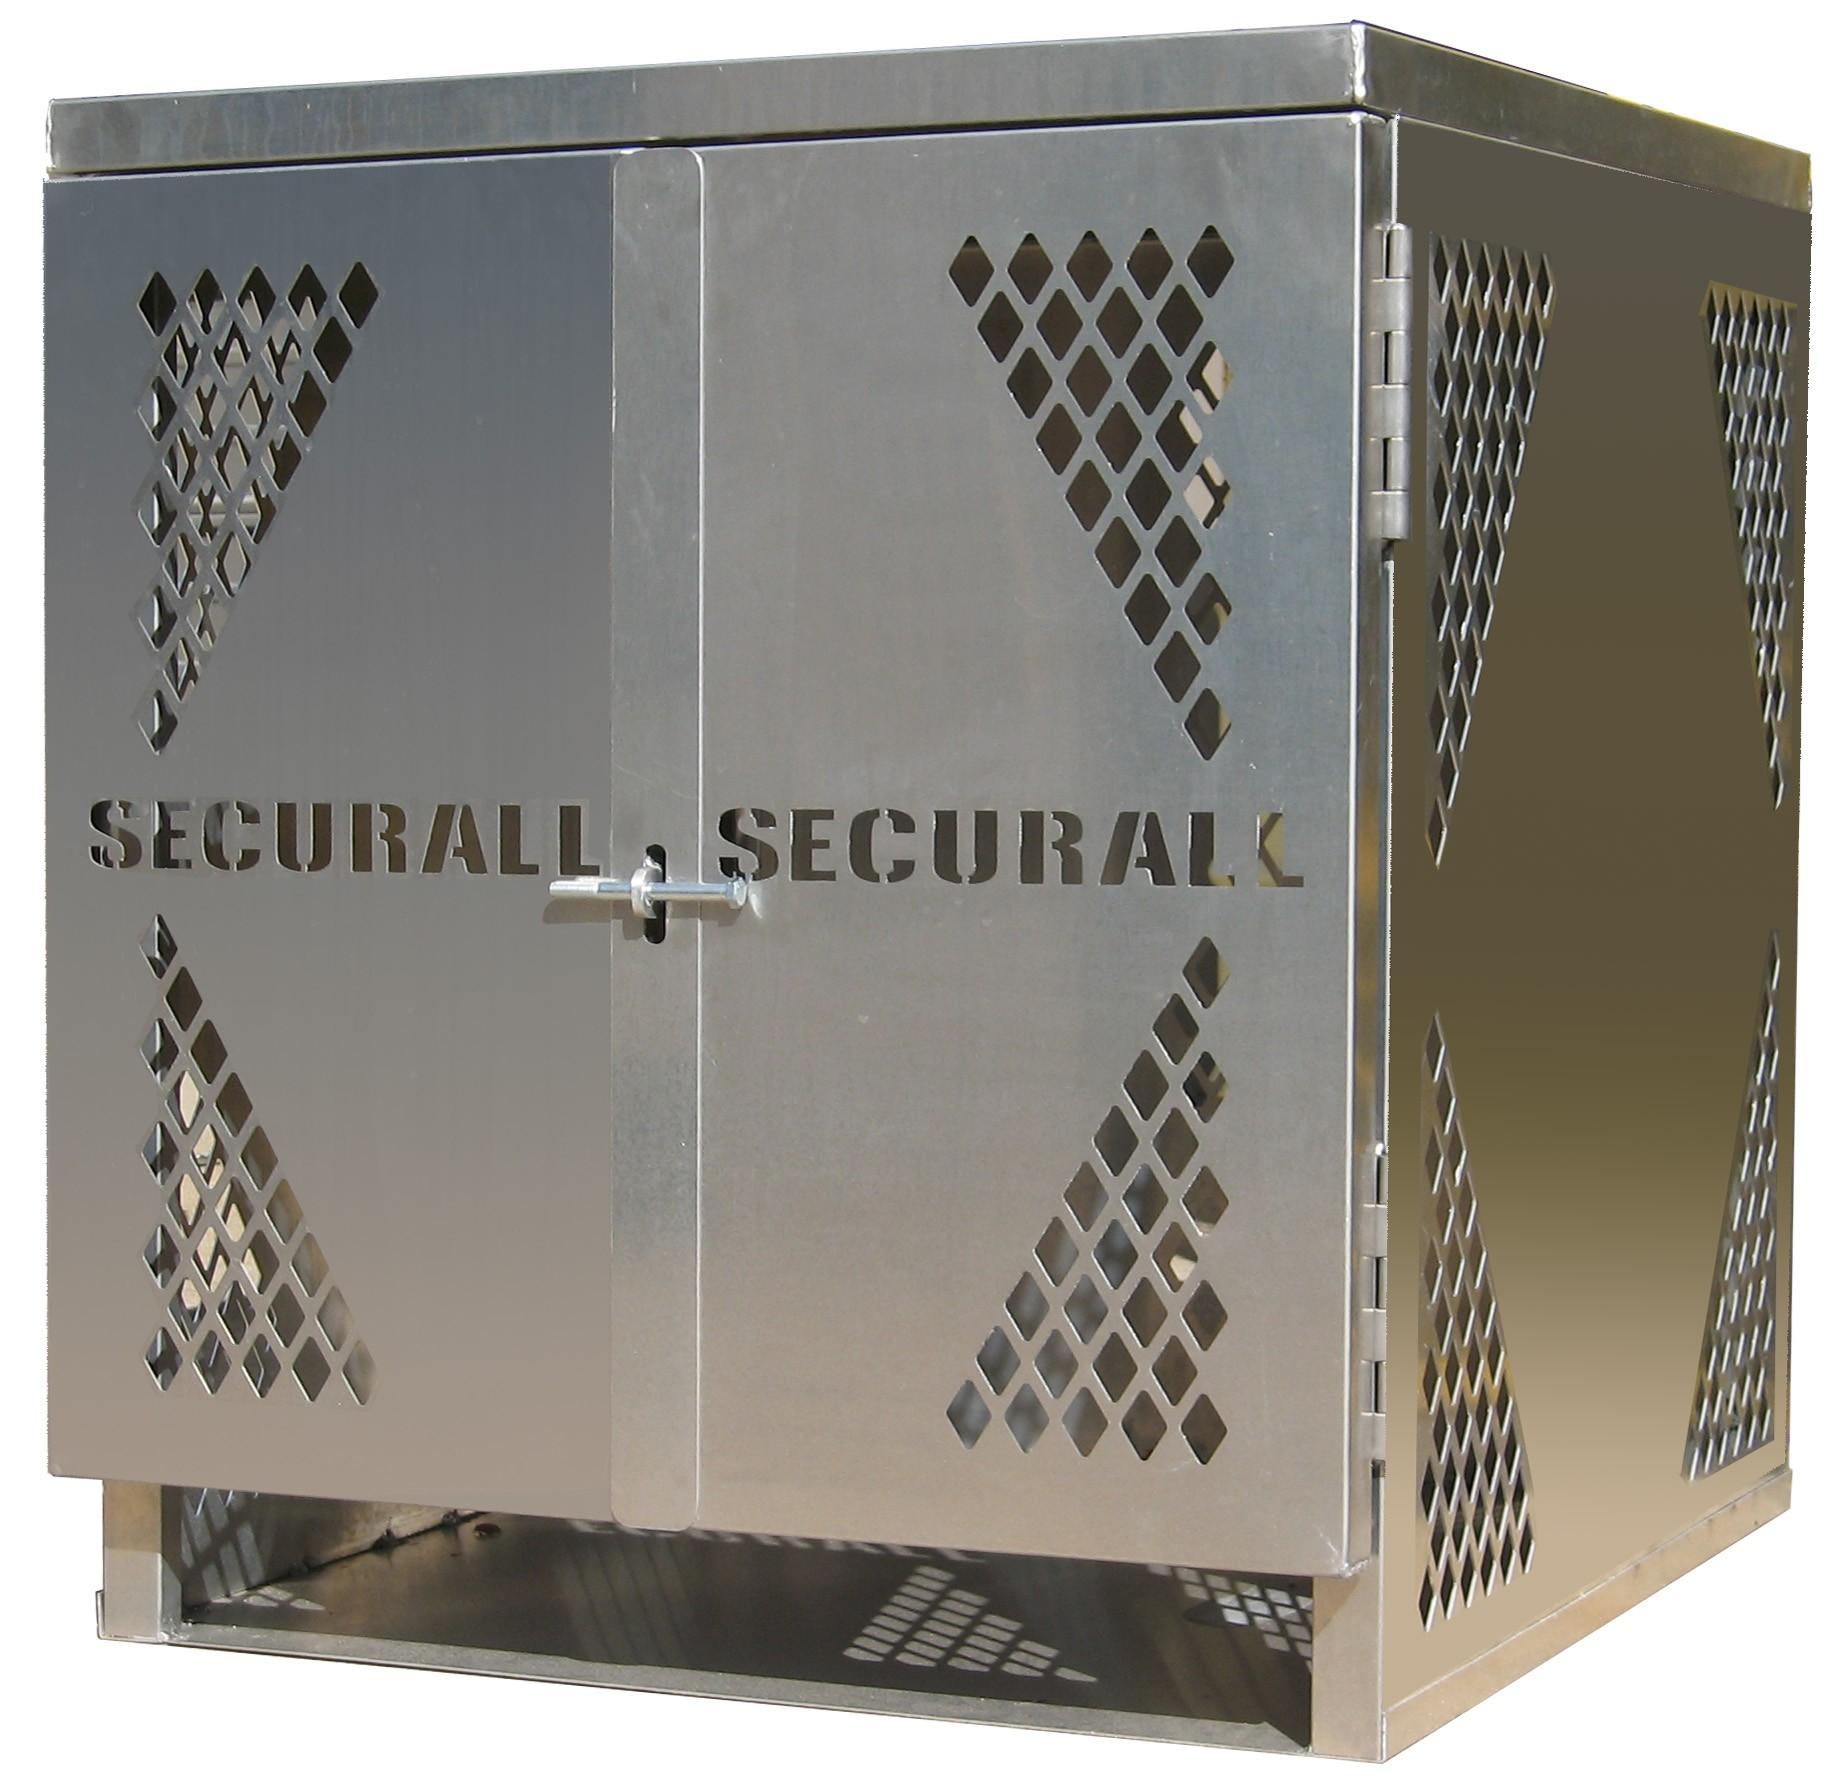 LP4 - LP/Oxygen Storage Cabinet - 4 Cylinder Storage Capacity